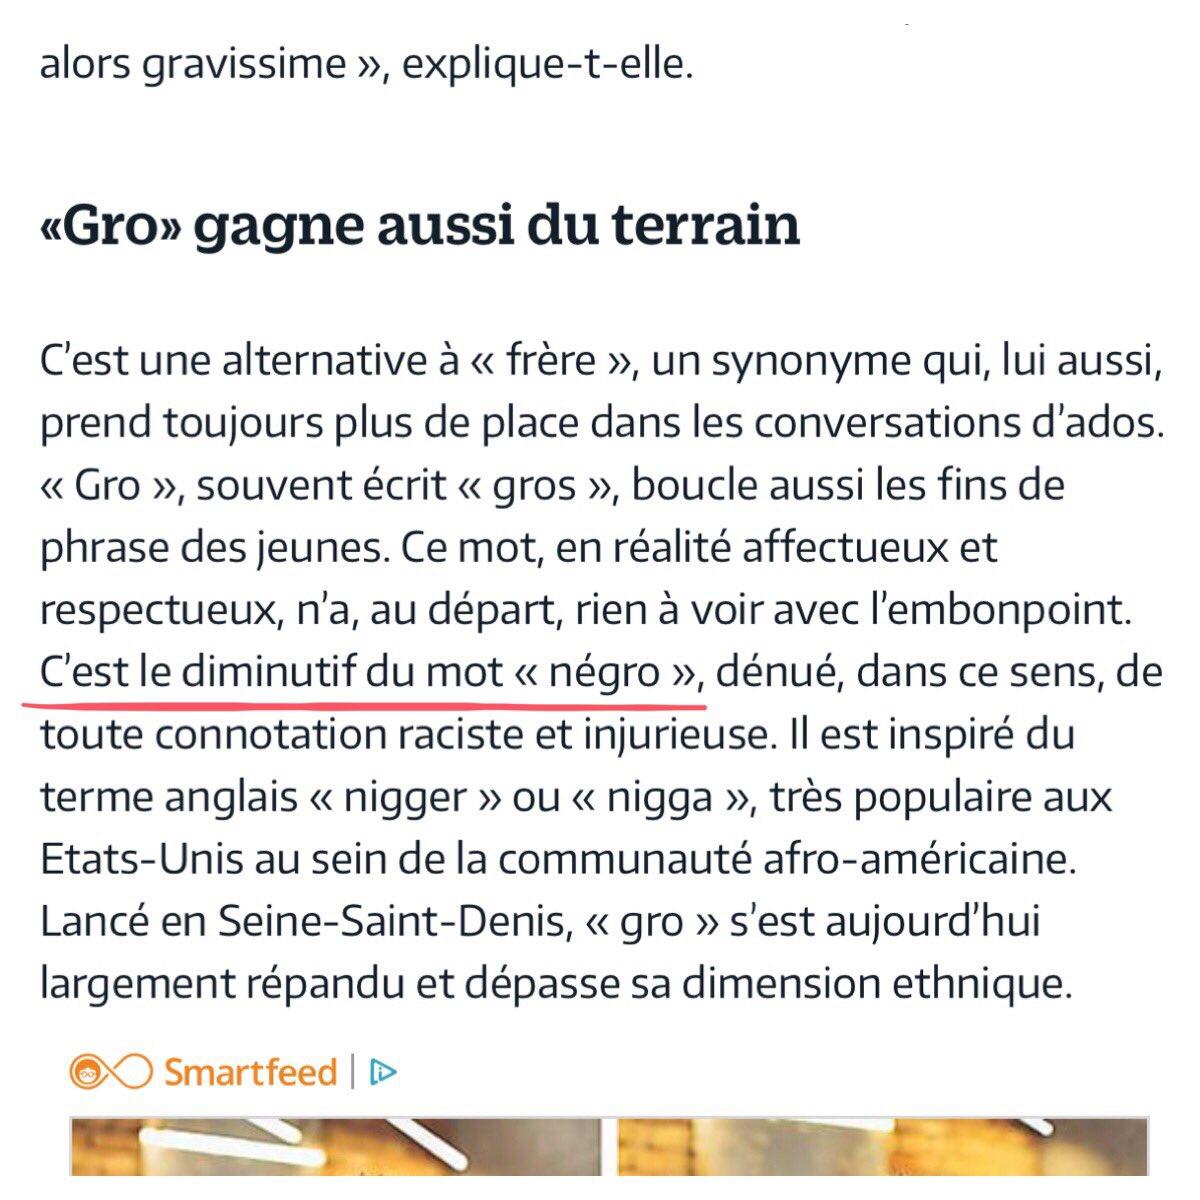 """« """"Gros"""" c'est pour gros bonnet, pour mon pote Le Gros qu'a pris seize ans, arrêtez de dire tous """"Gros"""", """"Gros"""" c'est pour Gros voyou» @rimkofficiel morceau """"Le gros"""" sur l'album """"Famille nombreuse""""  Cc @le_Parisien https://twitter.com/le_parisien/status/1140959574872248321…"""